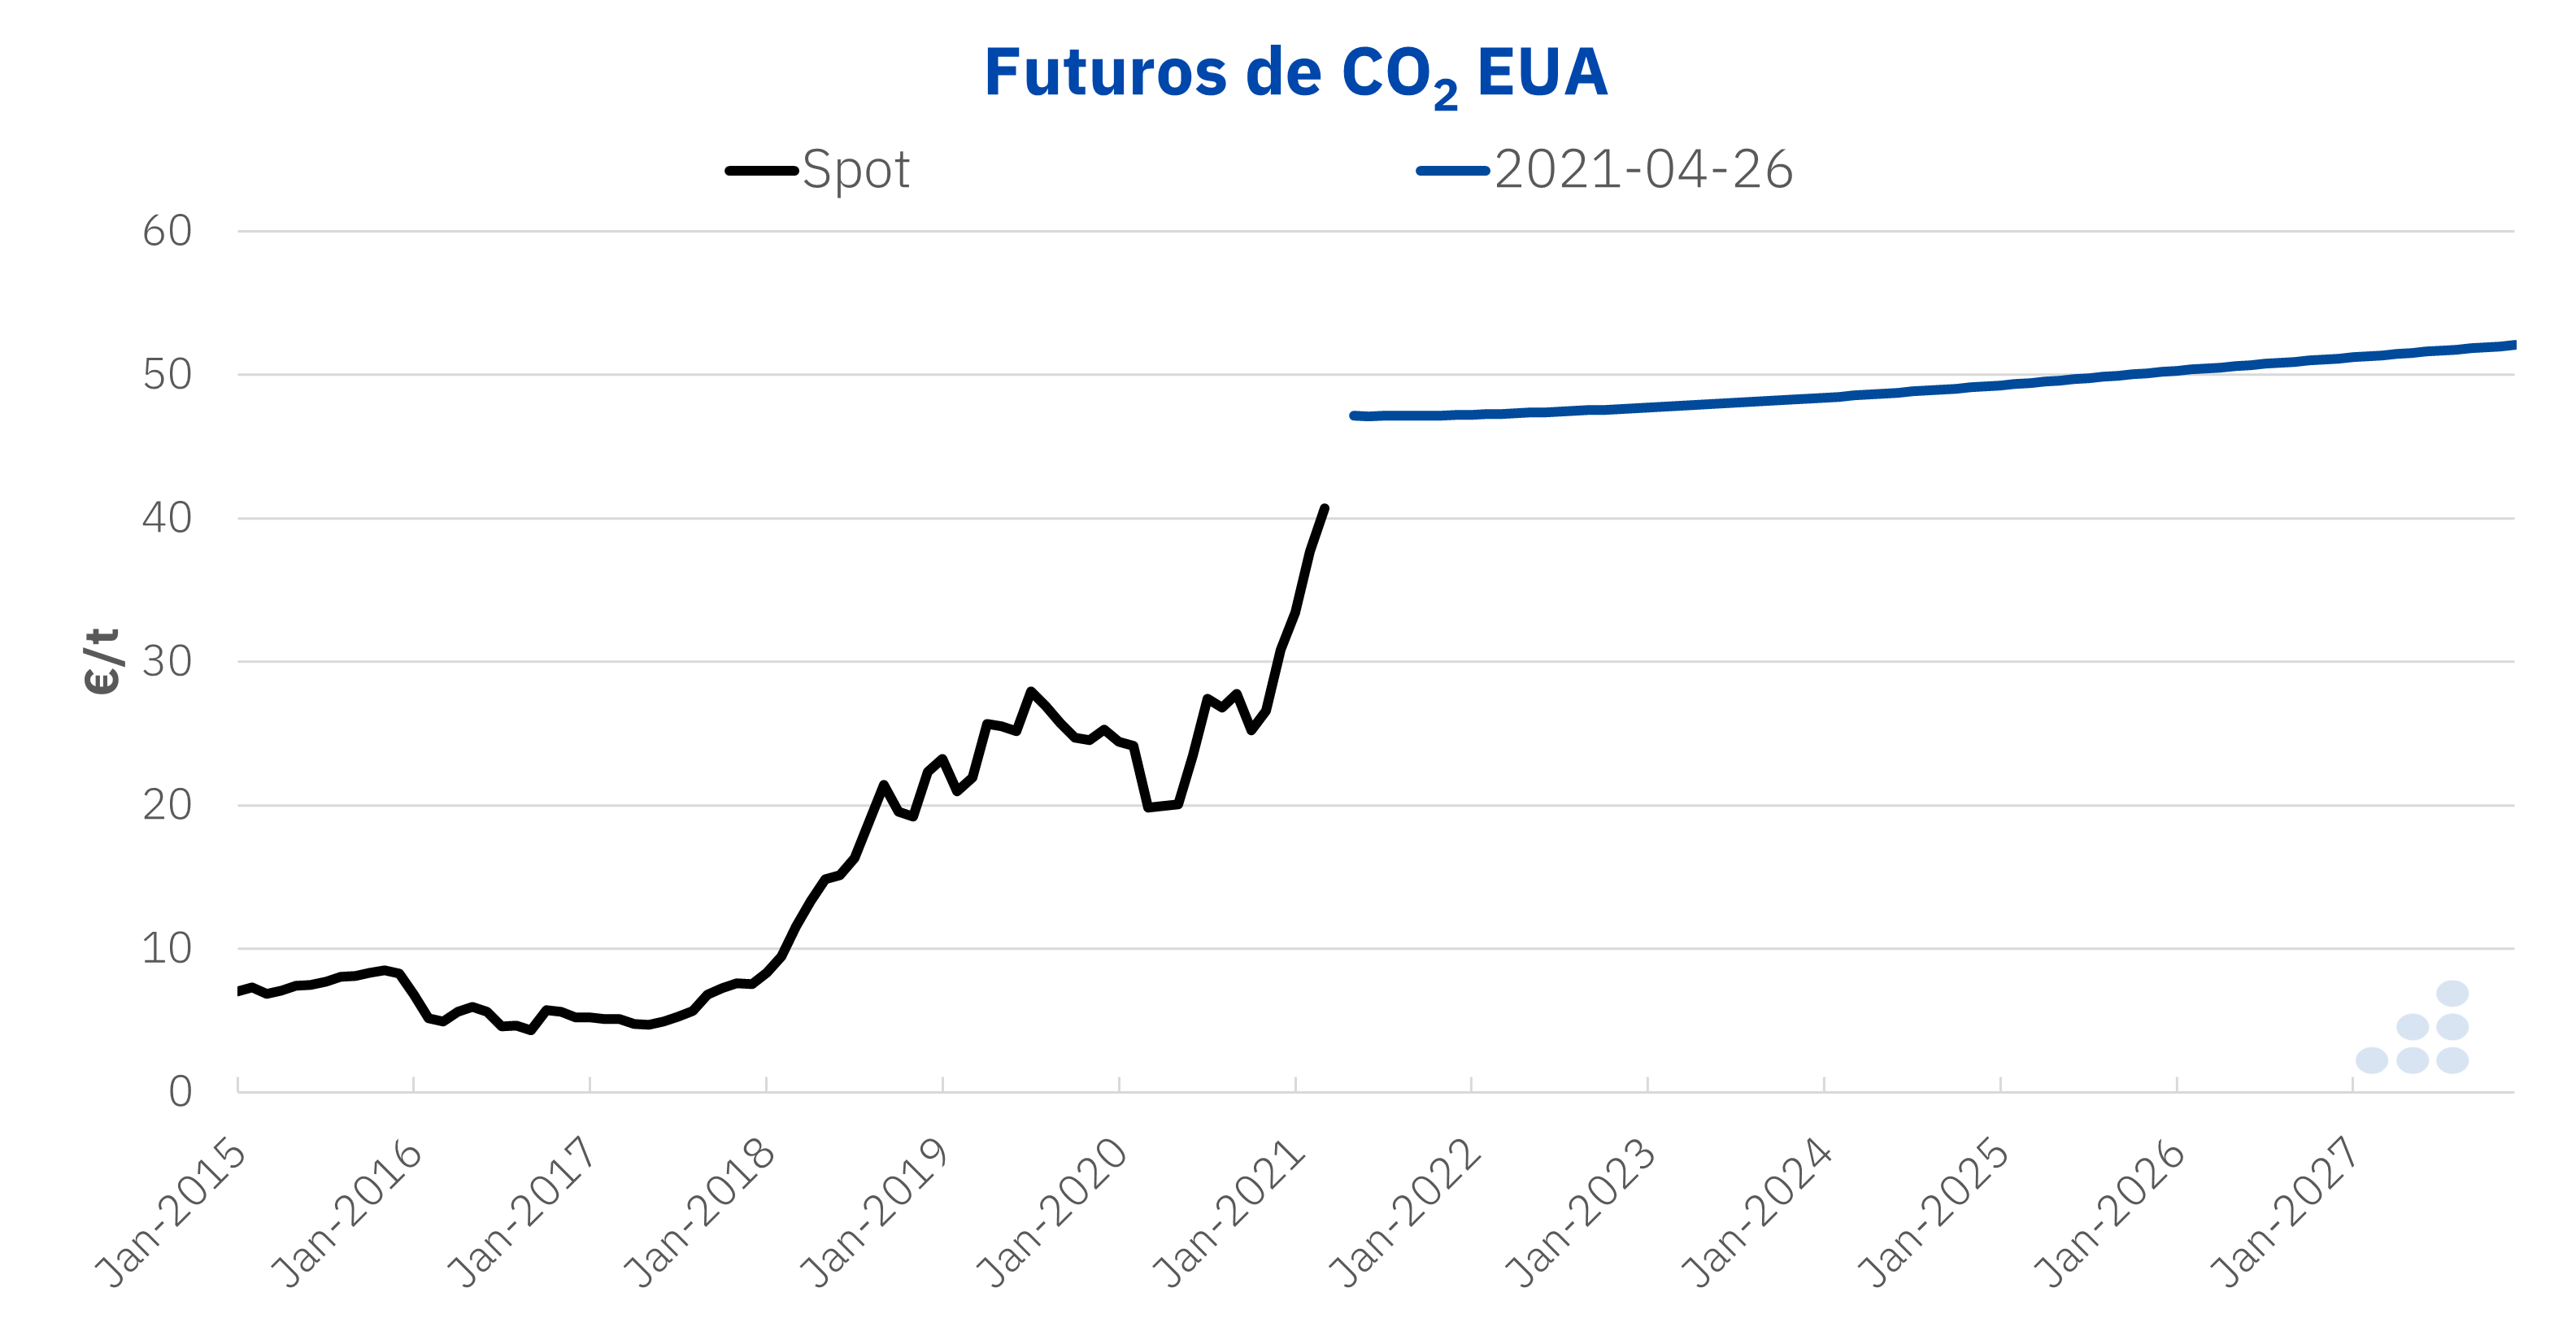 AleaSoft: La escalada de precios del CO2: ¿coyuntural o sistémica?